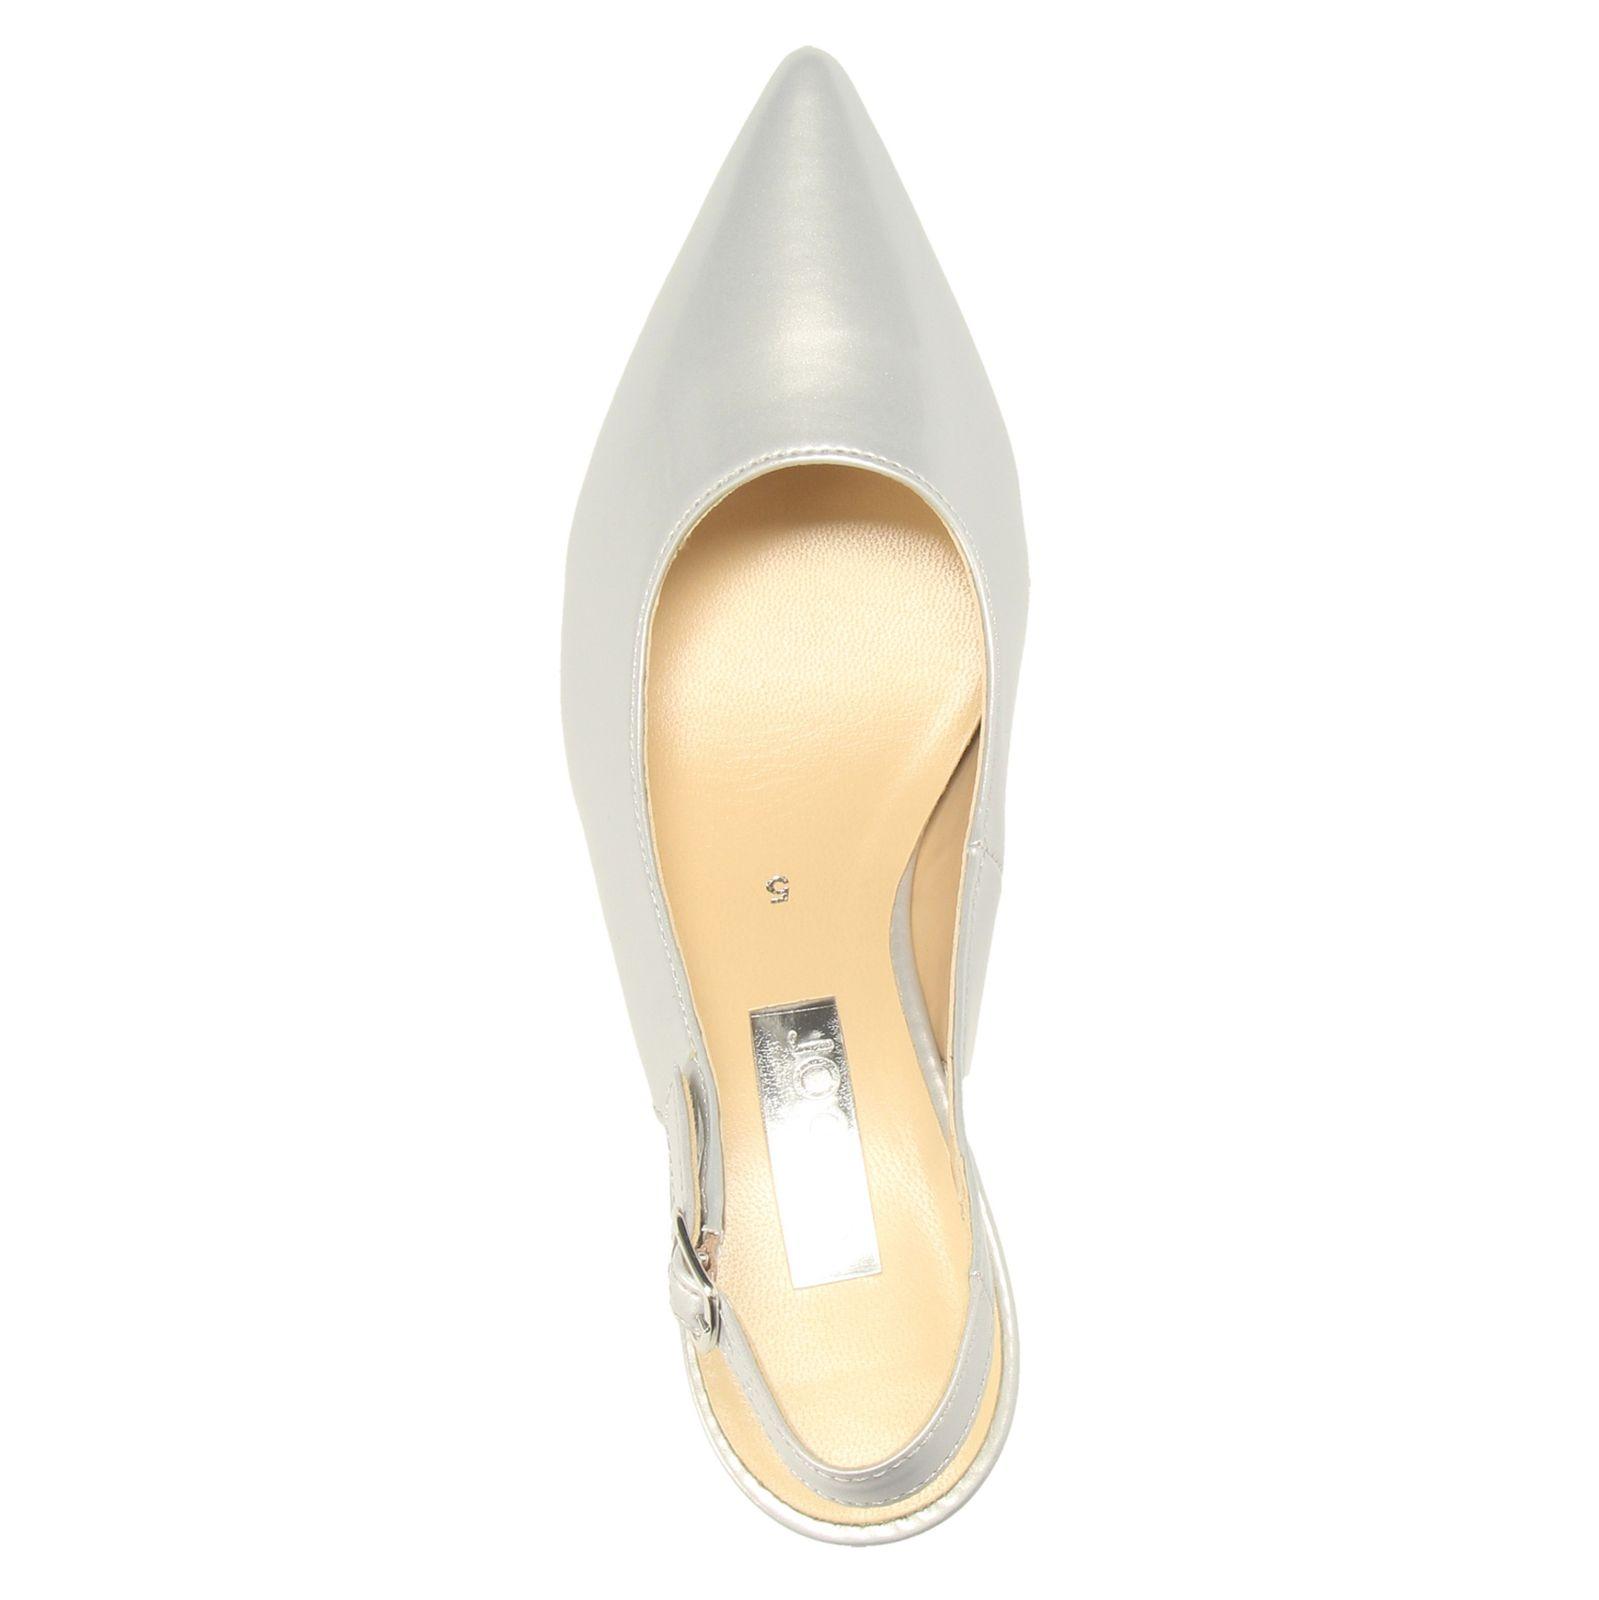 کفش زنانه گابور مدل 81.550.96 main 1 2